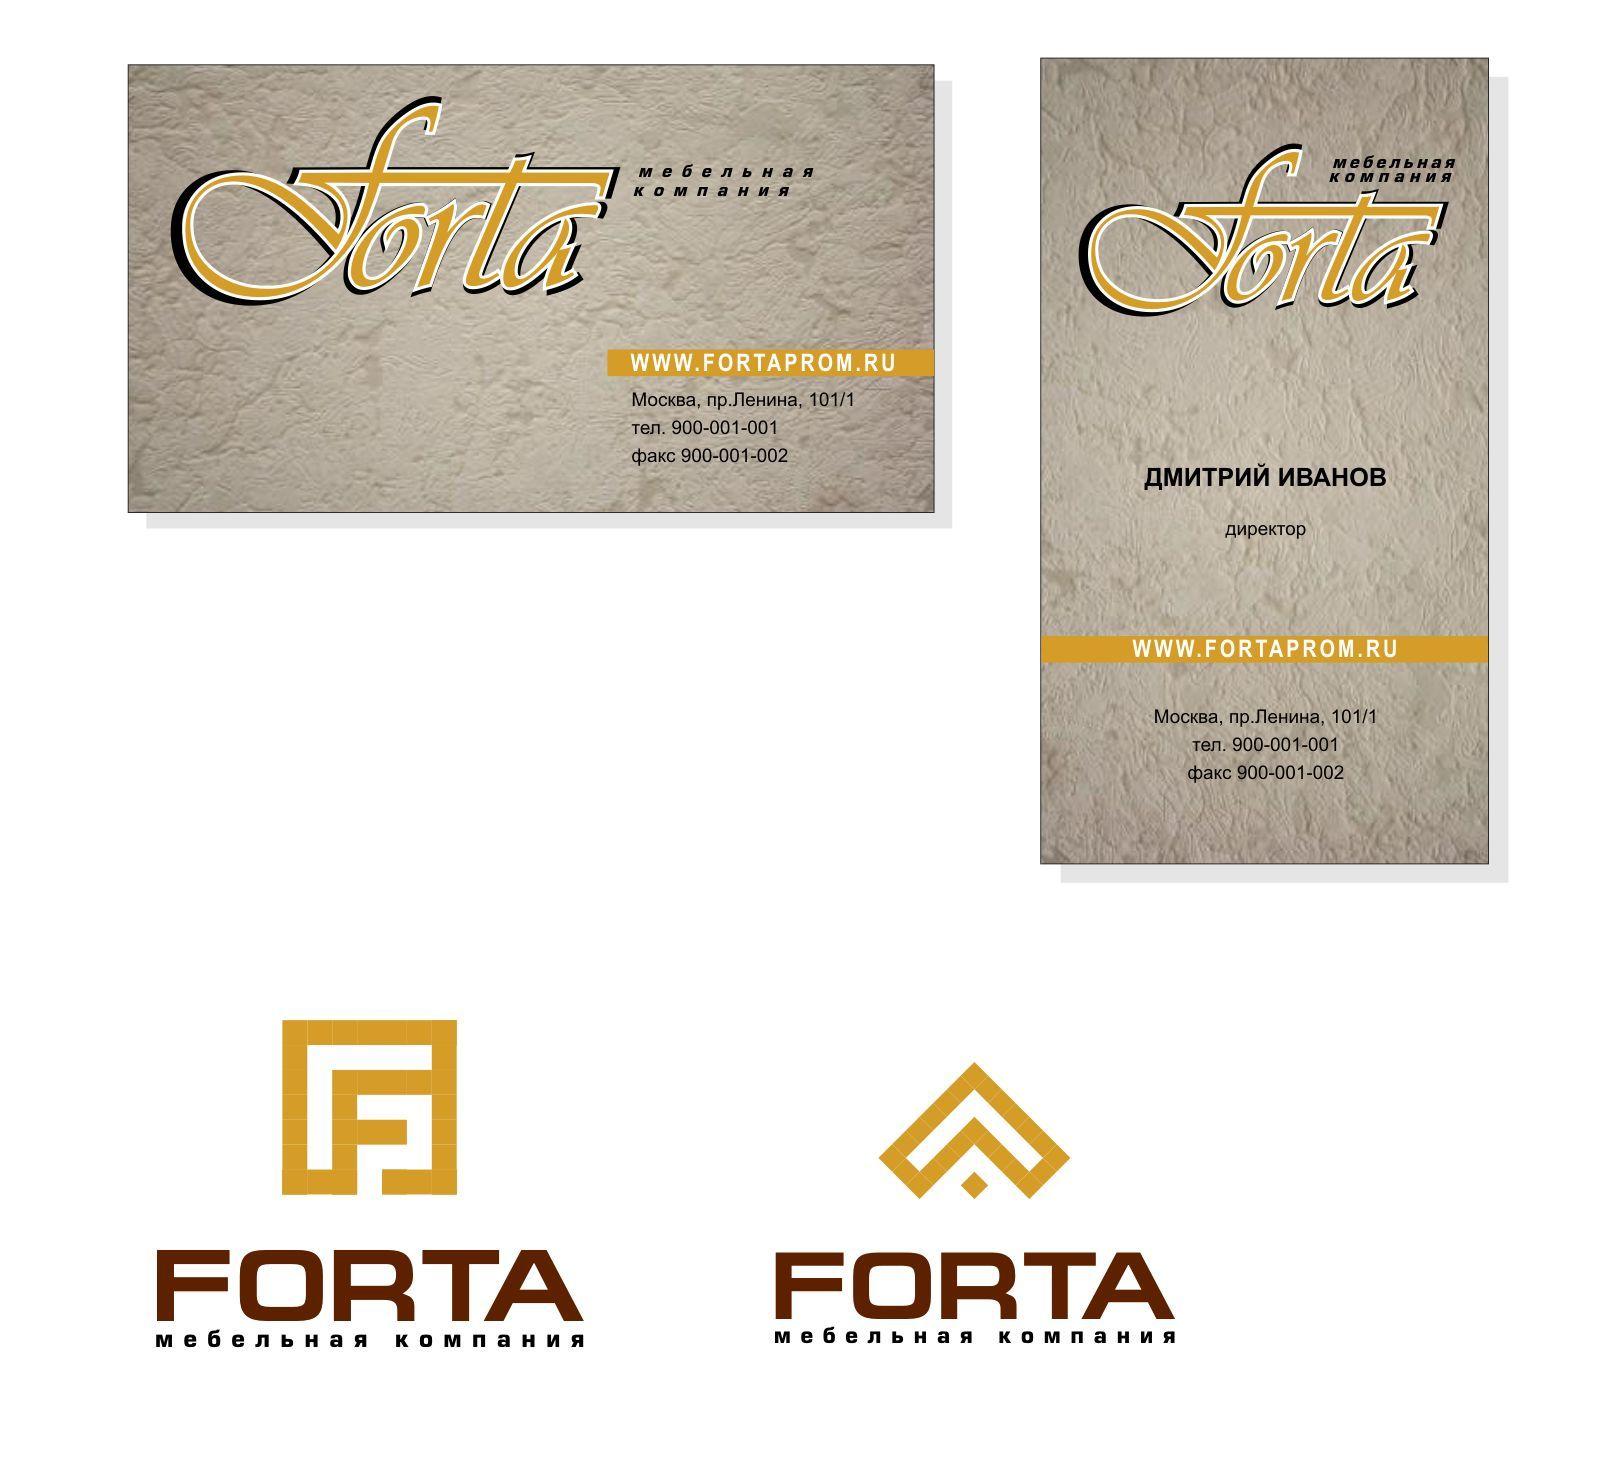 Логотип и фирменный стиль для мебельной компании . - дизайнер iDmitry